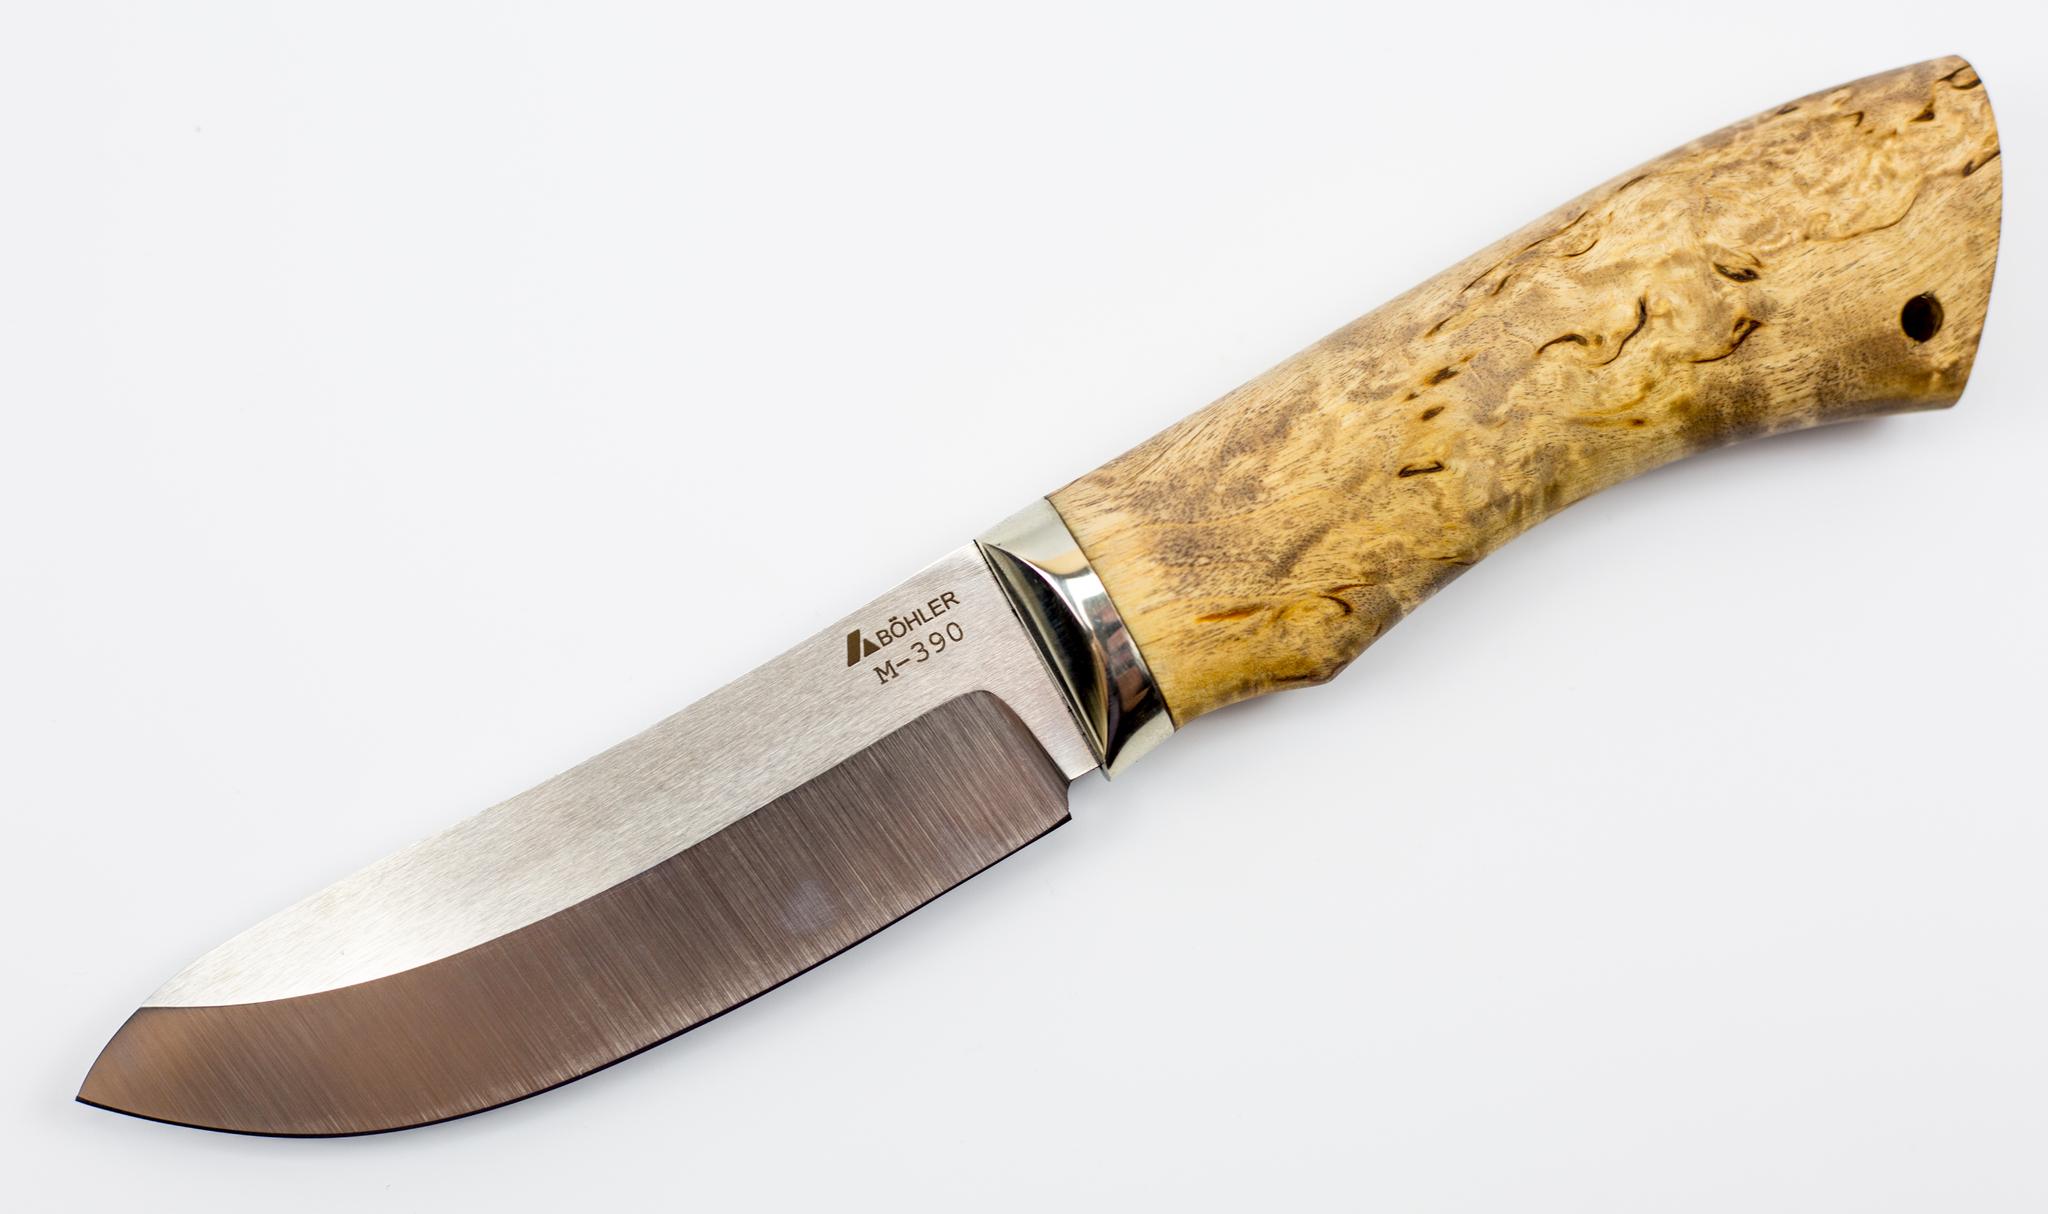 Нож M390, мельхиор, карельская береза